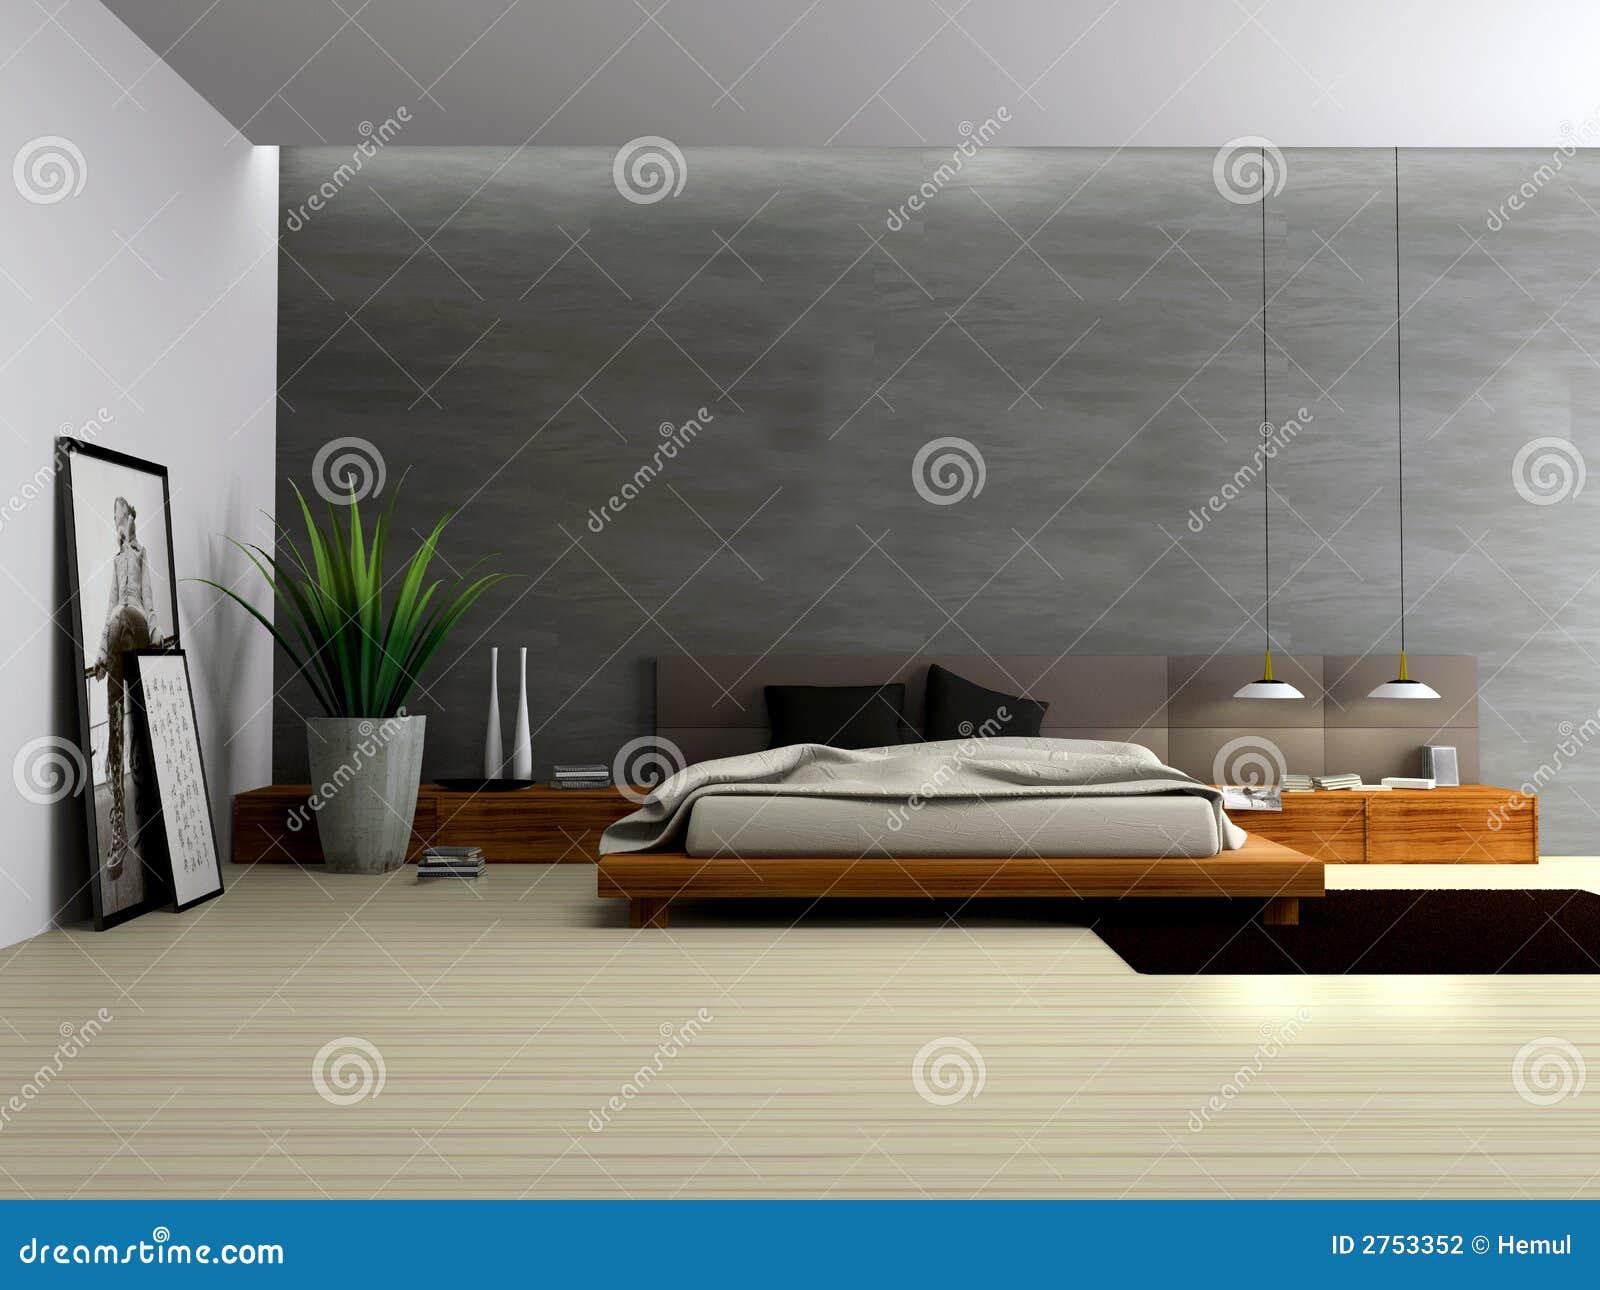 卧室内部现代 图库摄影 - 图片: 2753352